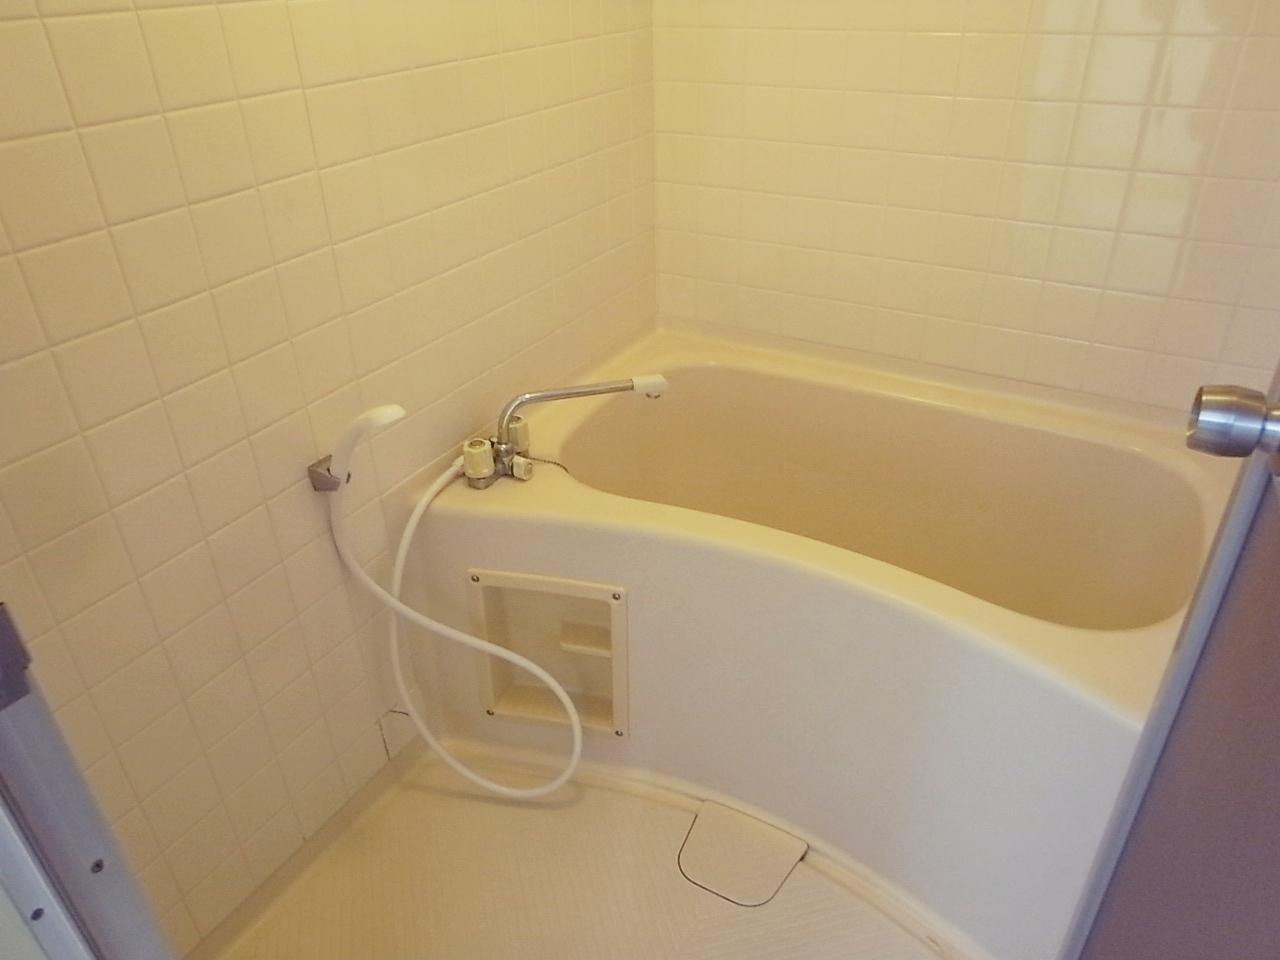 浴室乾燥機の初号基のような浴室乾燥機もついてます。